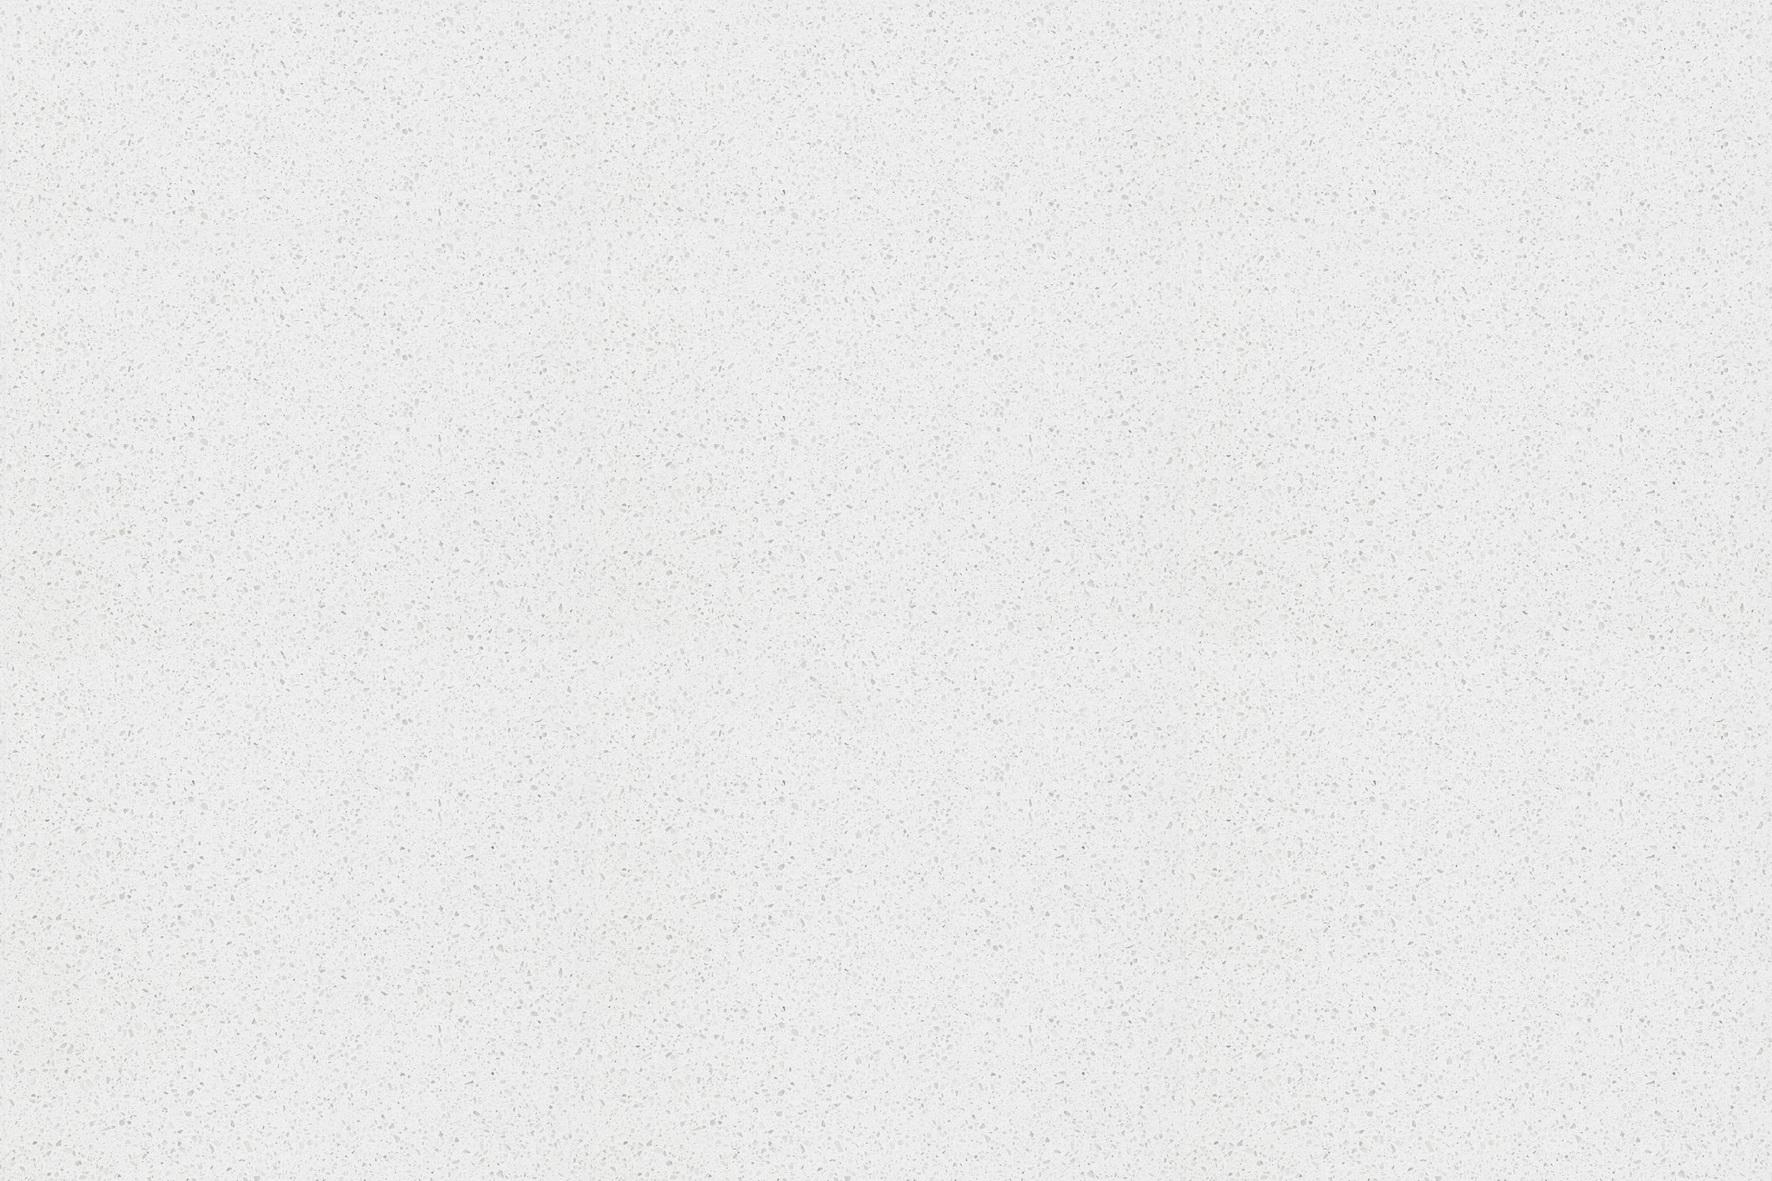 ARCTIC WHITE-UNIPLUS - LASTRE ANTICATE Foto: 1_58343_37614.jpg